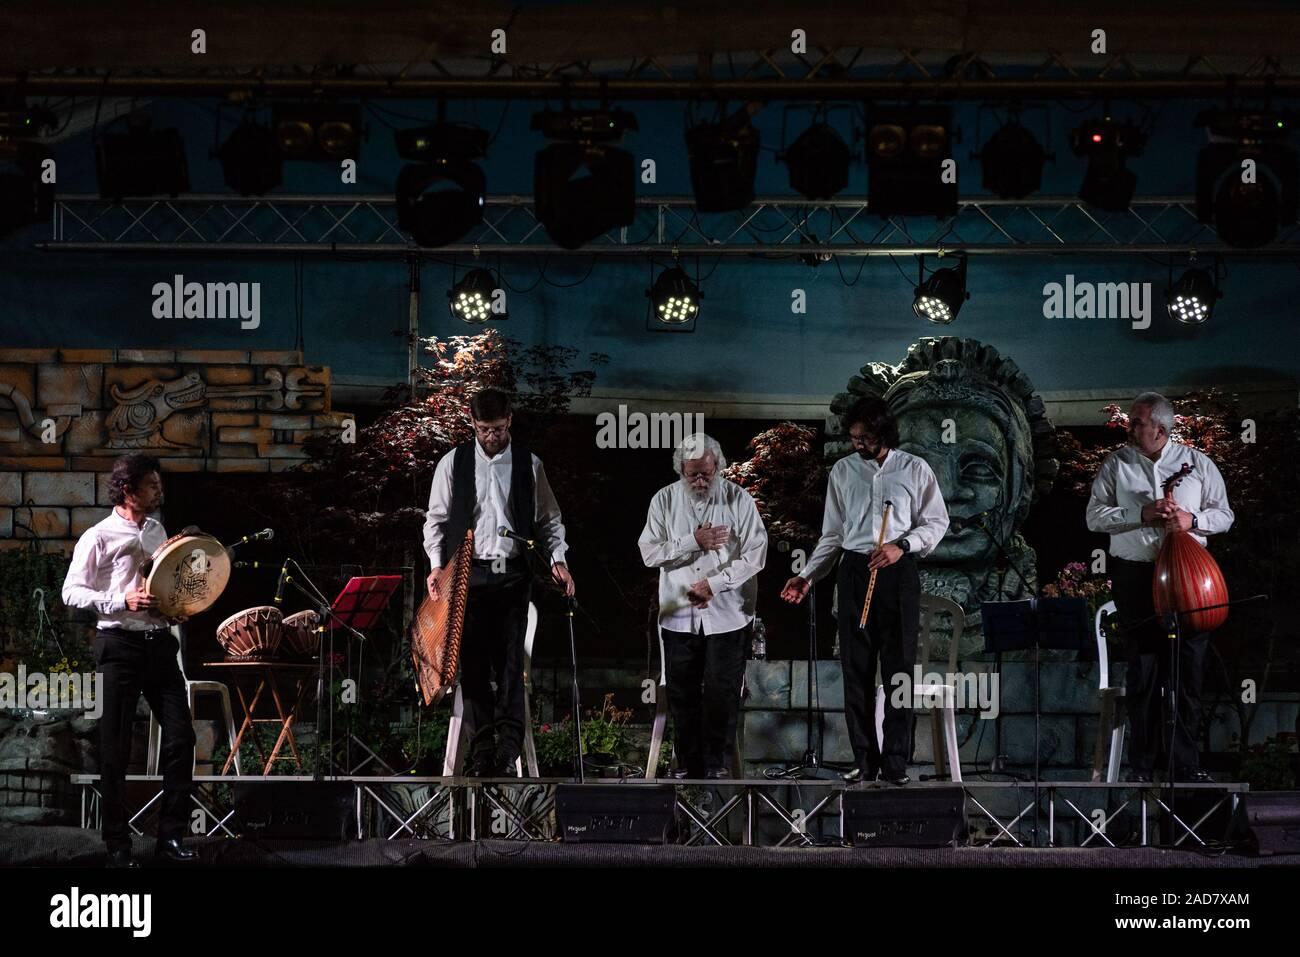 Il bagno turco whirling ballerini o whirling Sufi ballerini eseguono dei Mevlevi (derviscio armato) sema al festival LO SPIRITO DEL PIANETA Foto Stock